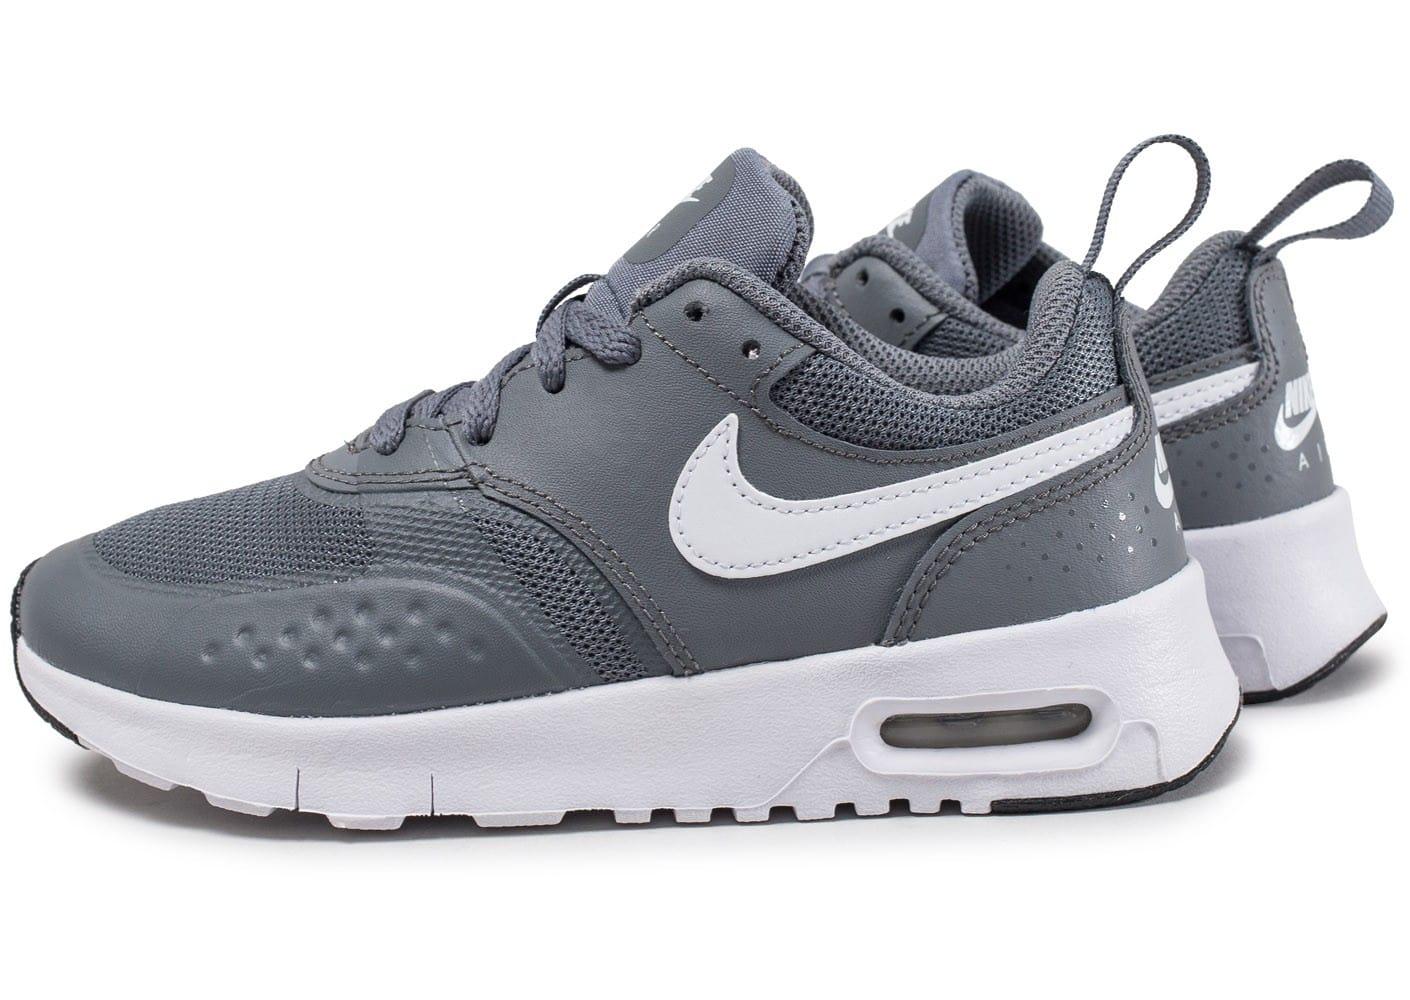 sports shoes c2e2b 0a09d nike air max vision enfant, Cliquez pour zoomer Chaussures Nike Air Max  Vision Enfant grise